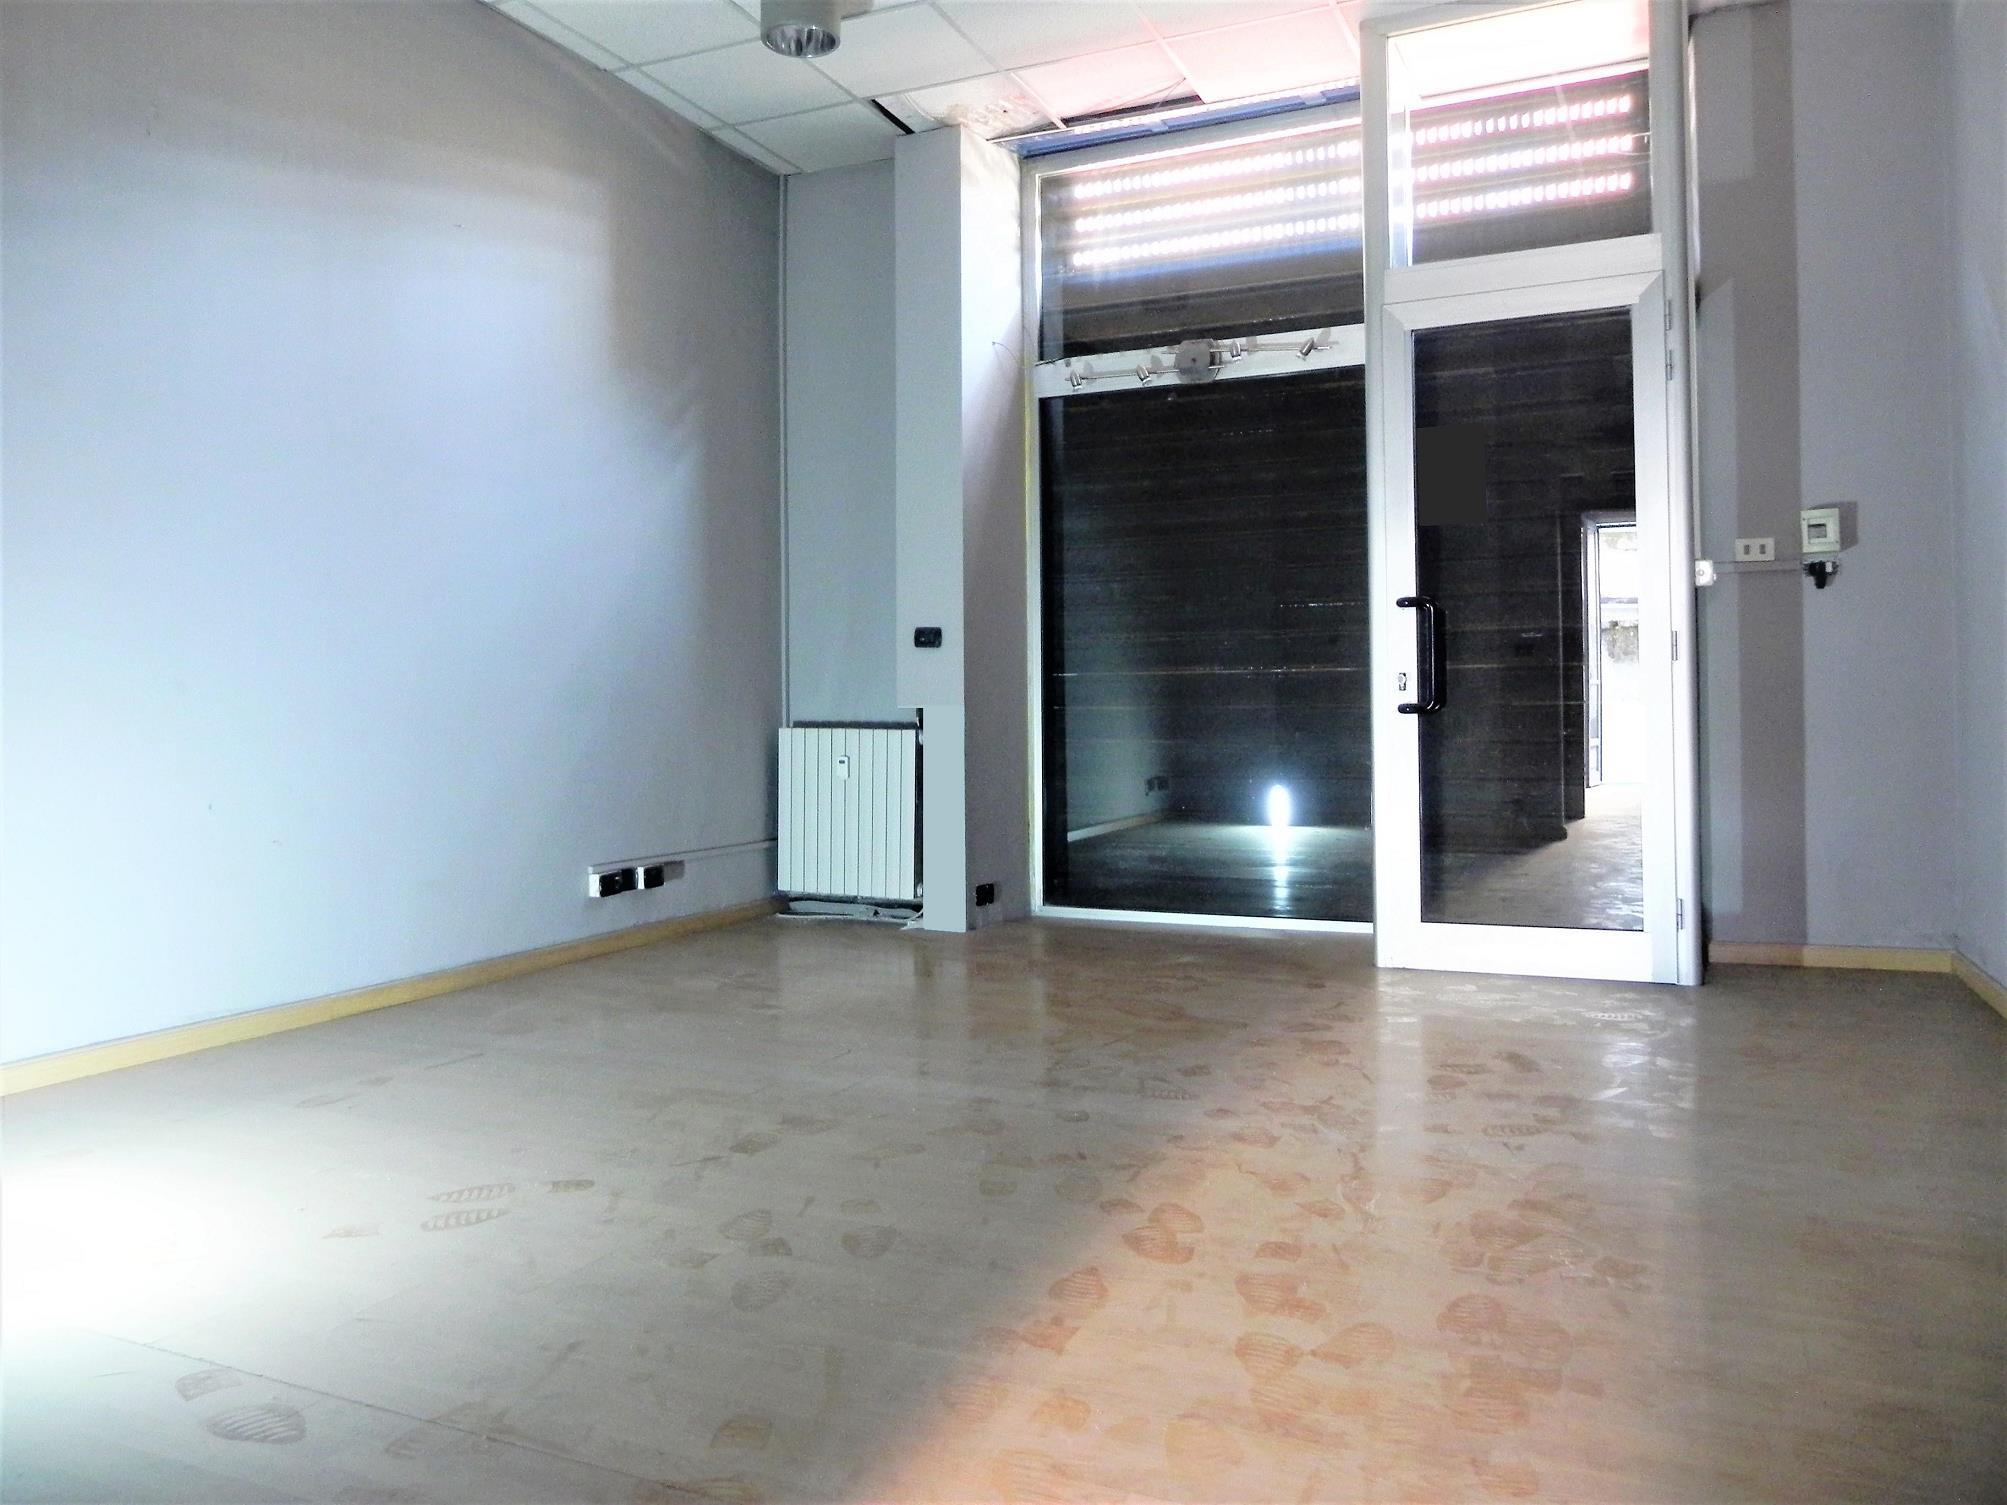 AURORA – Negozio / ufficio mq. 55